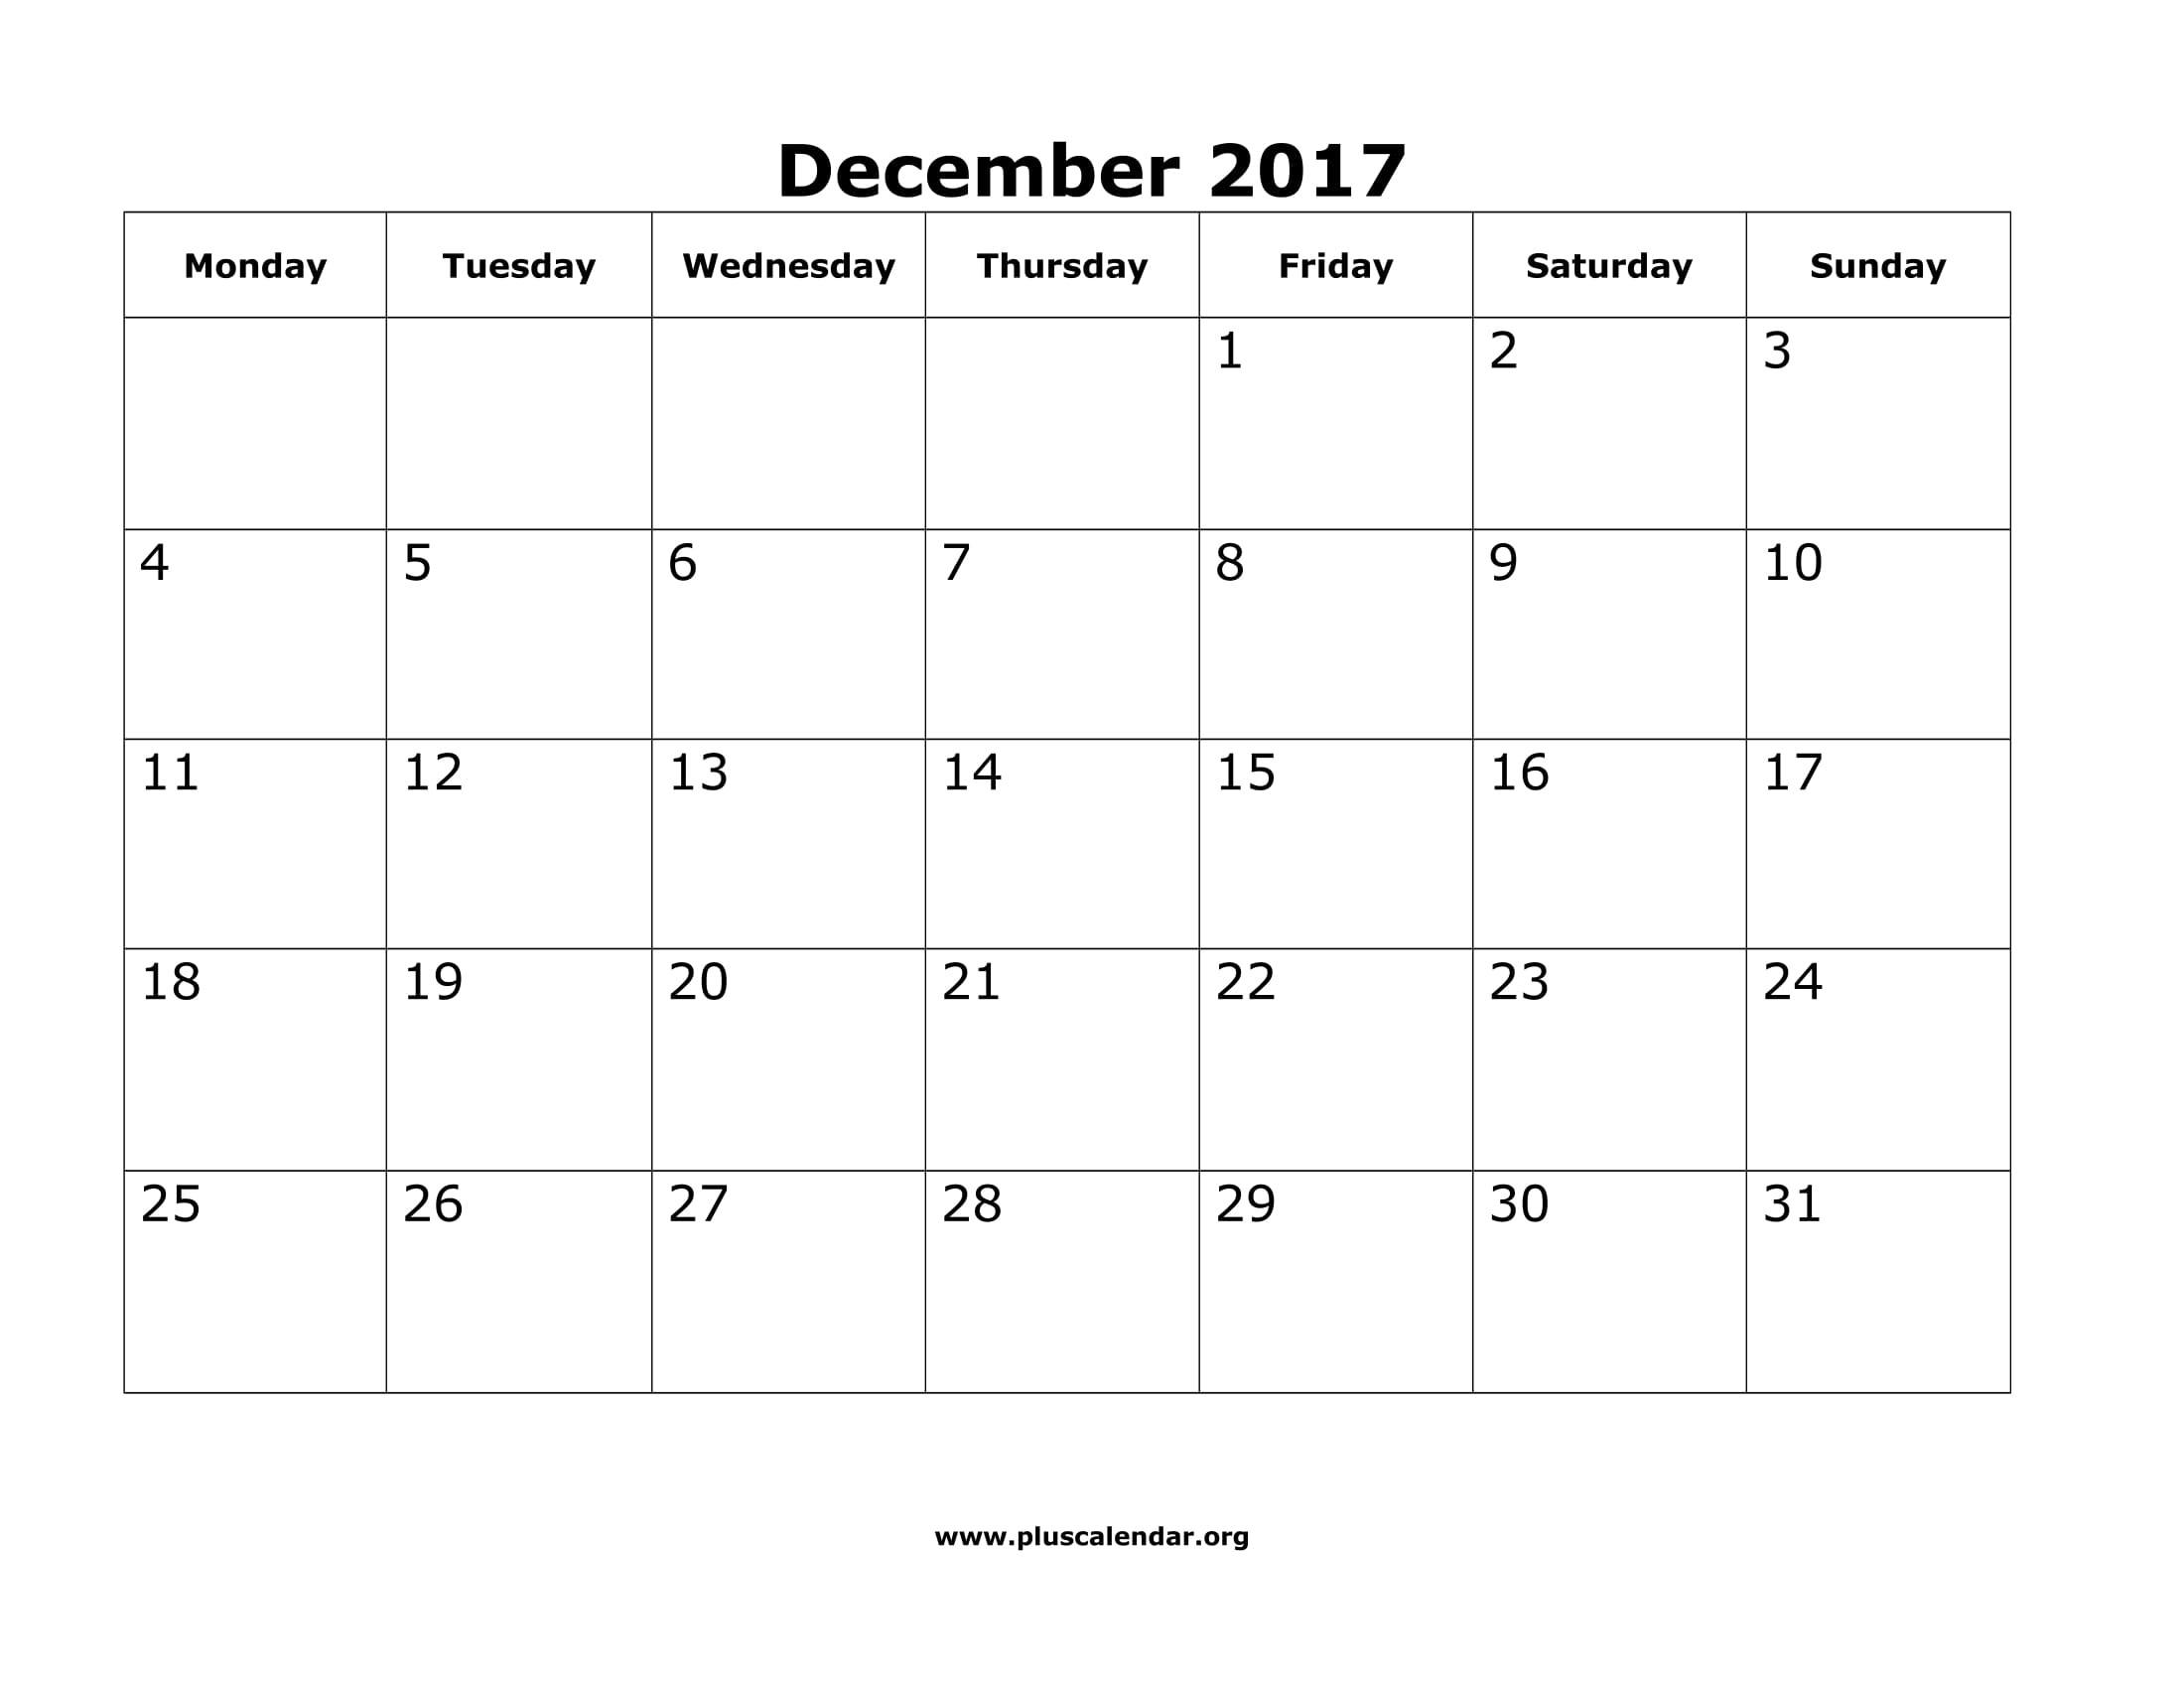 November 2018 Monday Through Sunday - Template Calendar Design